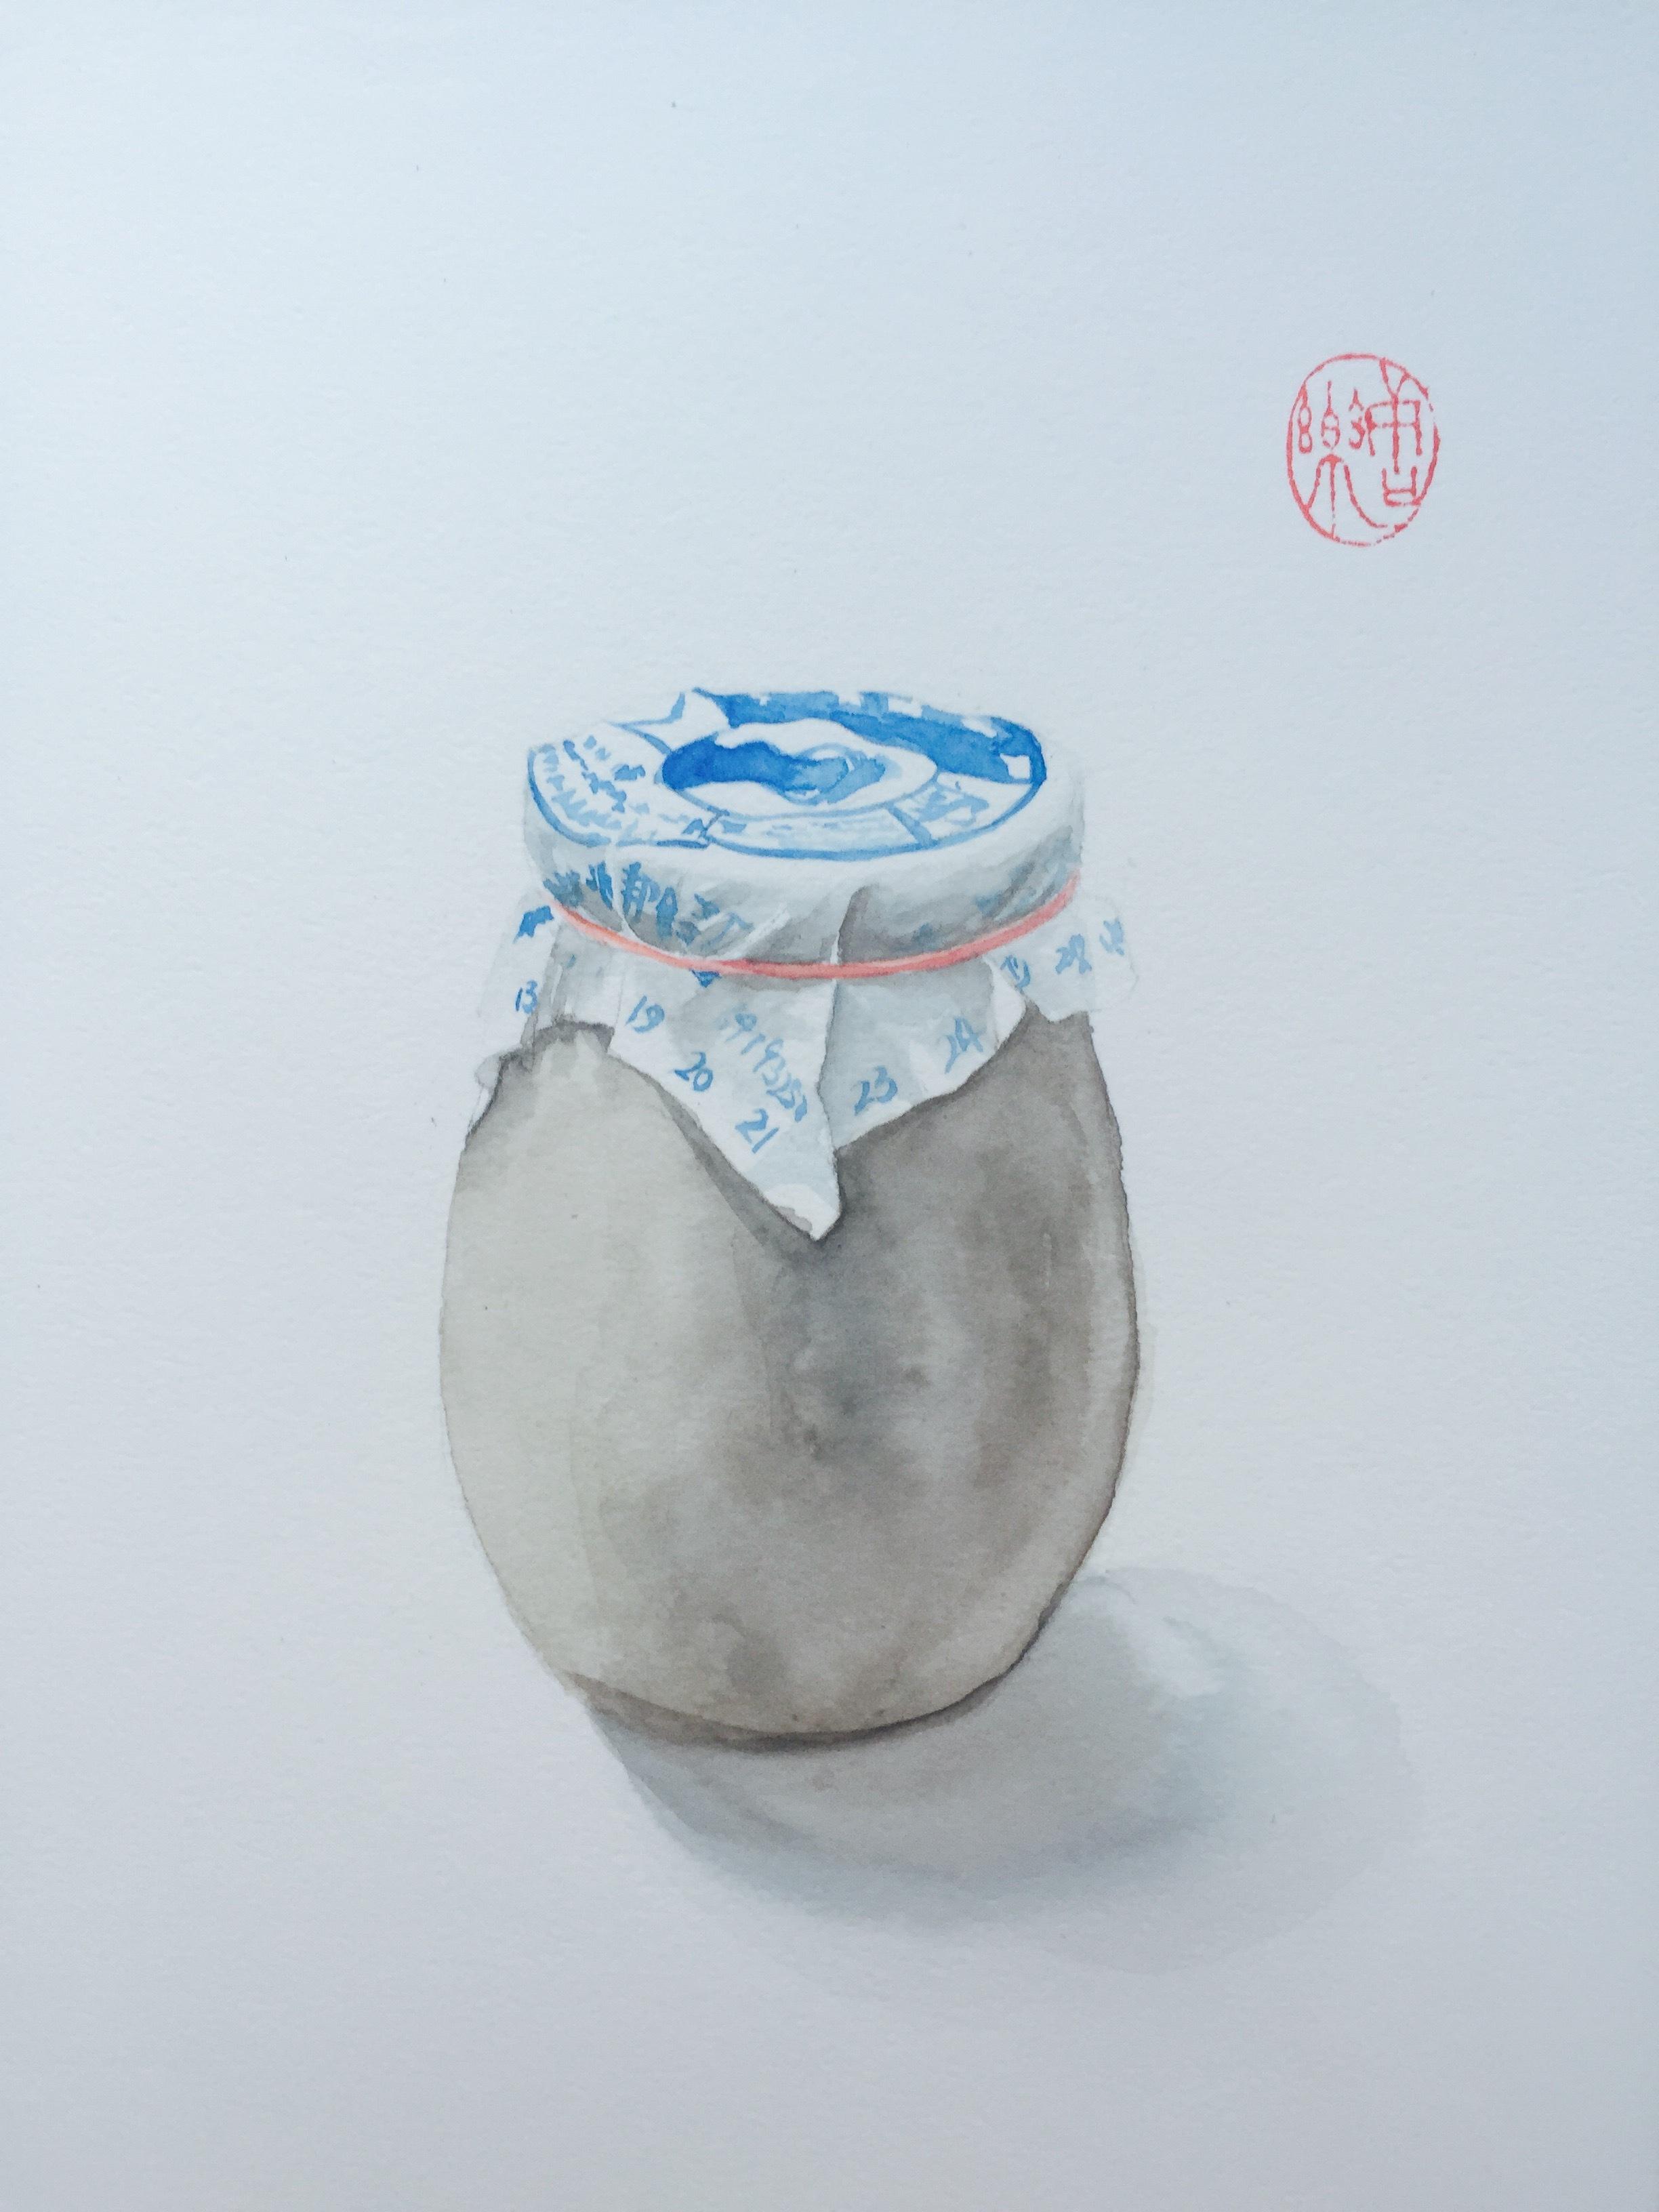 老北京系列之瓷瓶酸奶 纯艺术 水彩 桃夭lele - 原创